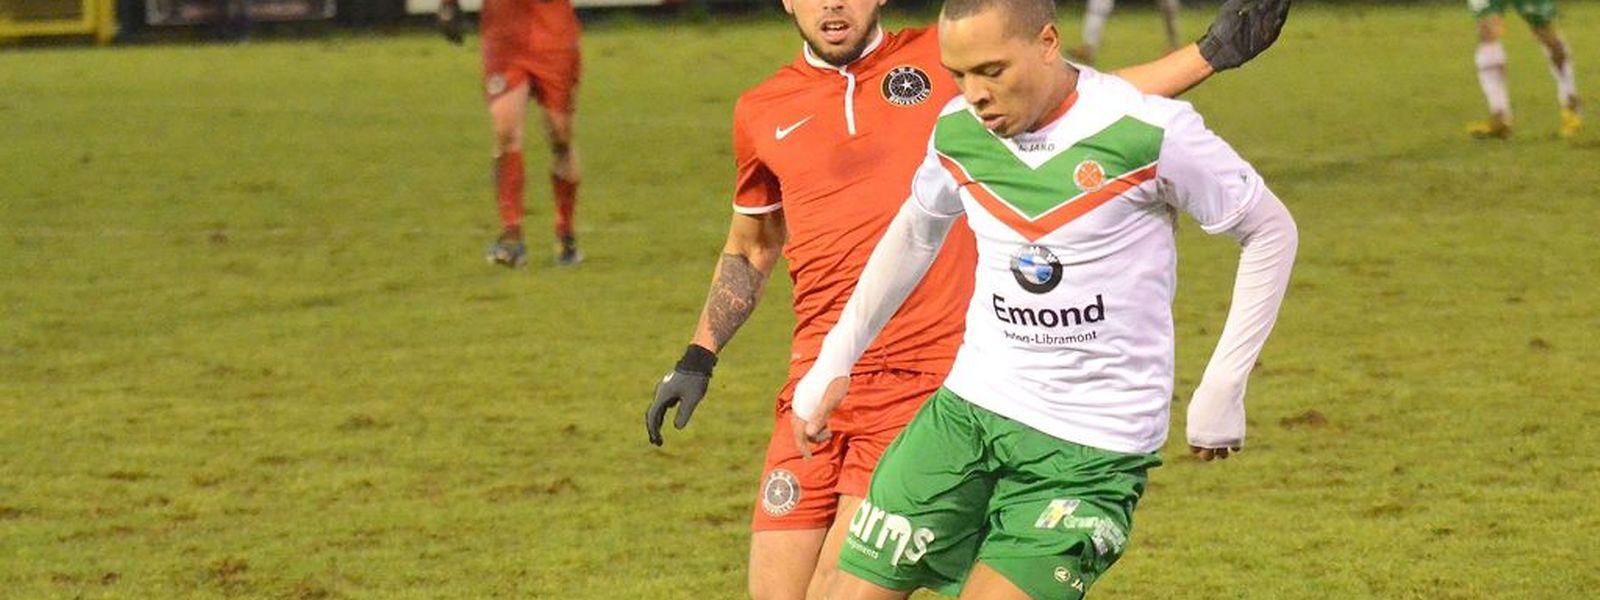 Jordann Yéyé, ici sous le maillot de l'Excelsior Virton, rejoint le FC Differdange 03 pour une demi-saison, avec une option pour une saison de plus